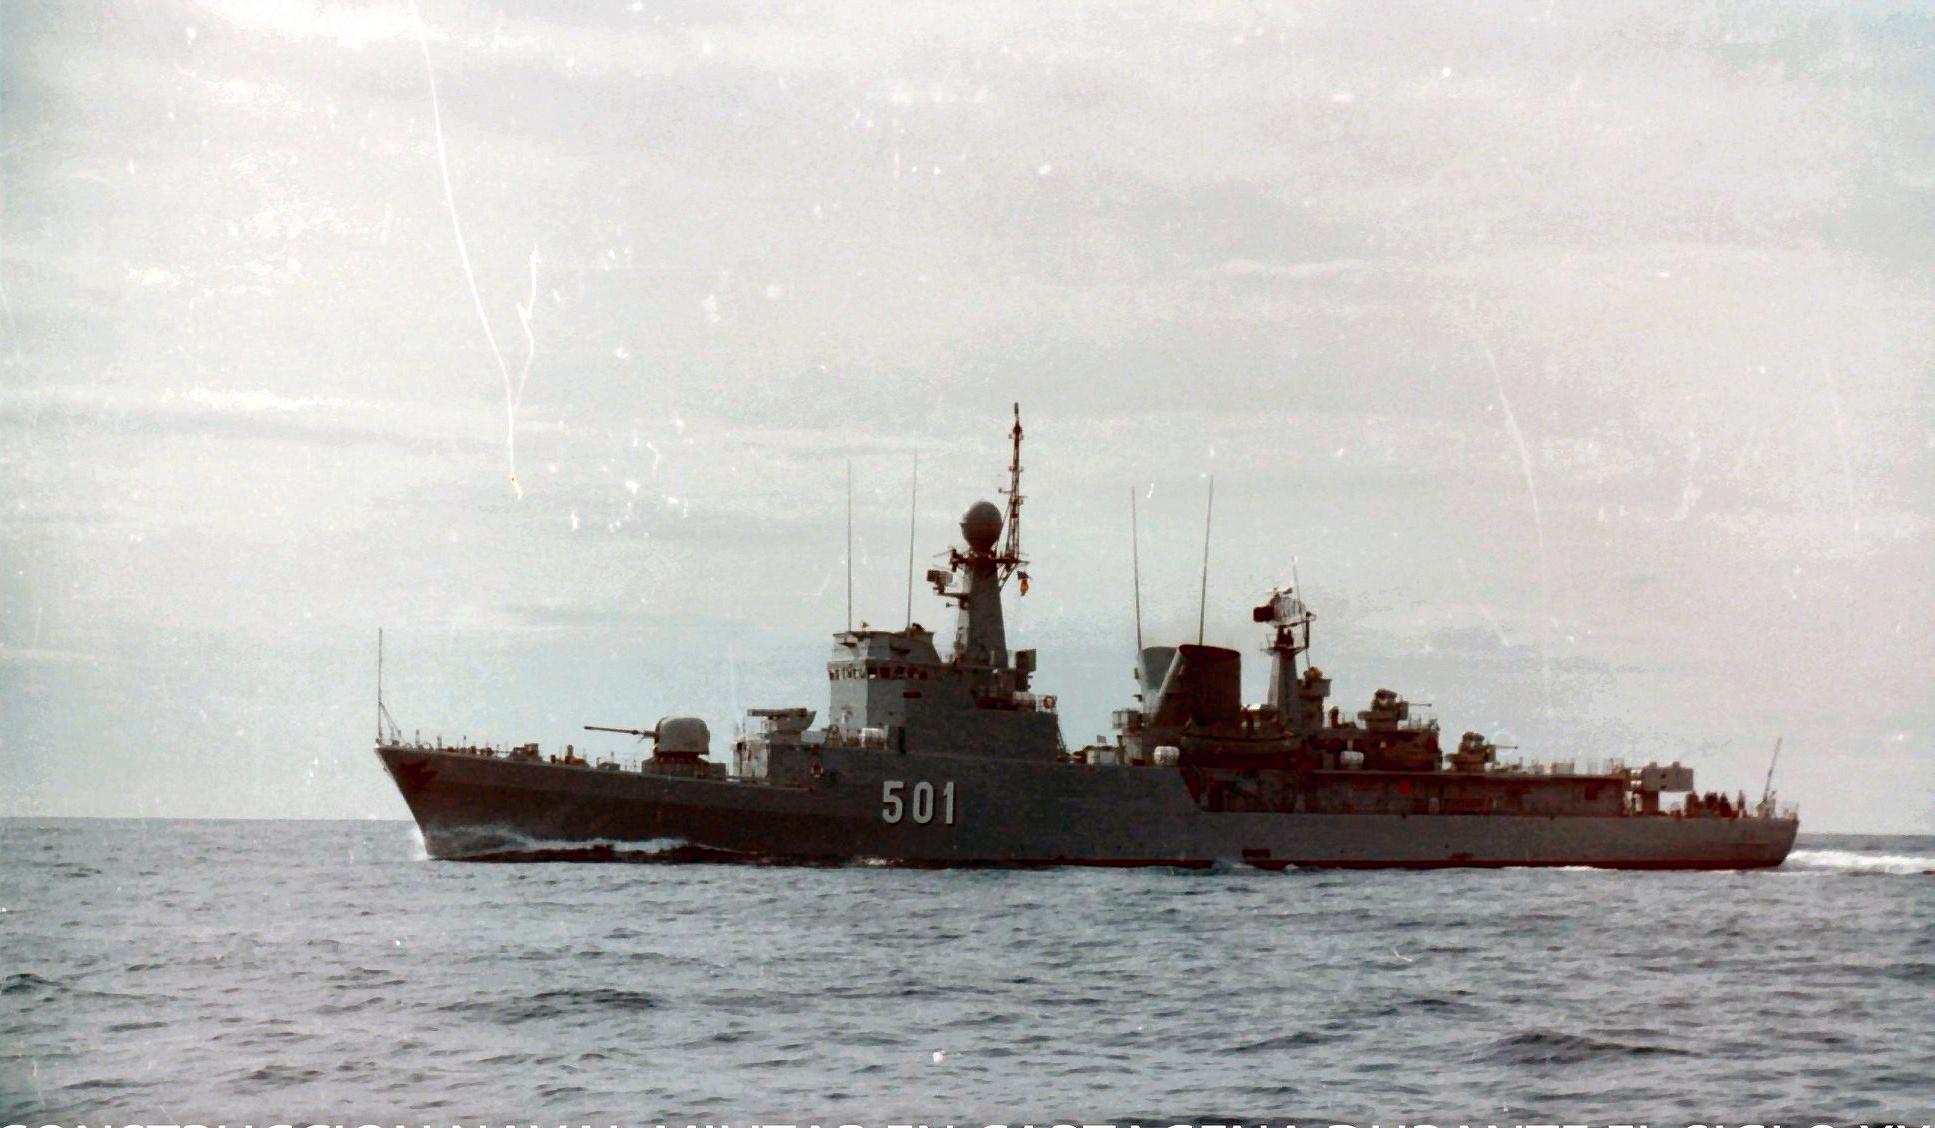 Royal Moroccan Navy Descubierta Frigate / Corvette Lt Cl Errahmani - Bâtiment École - Page 4 Clipb512